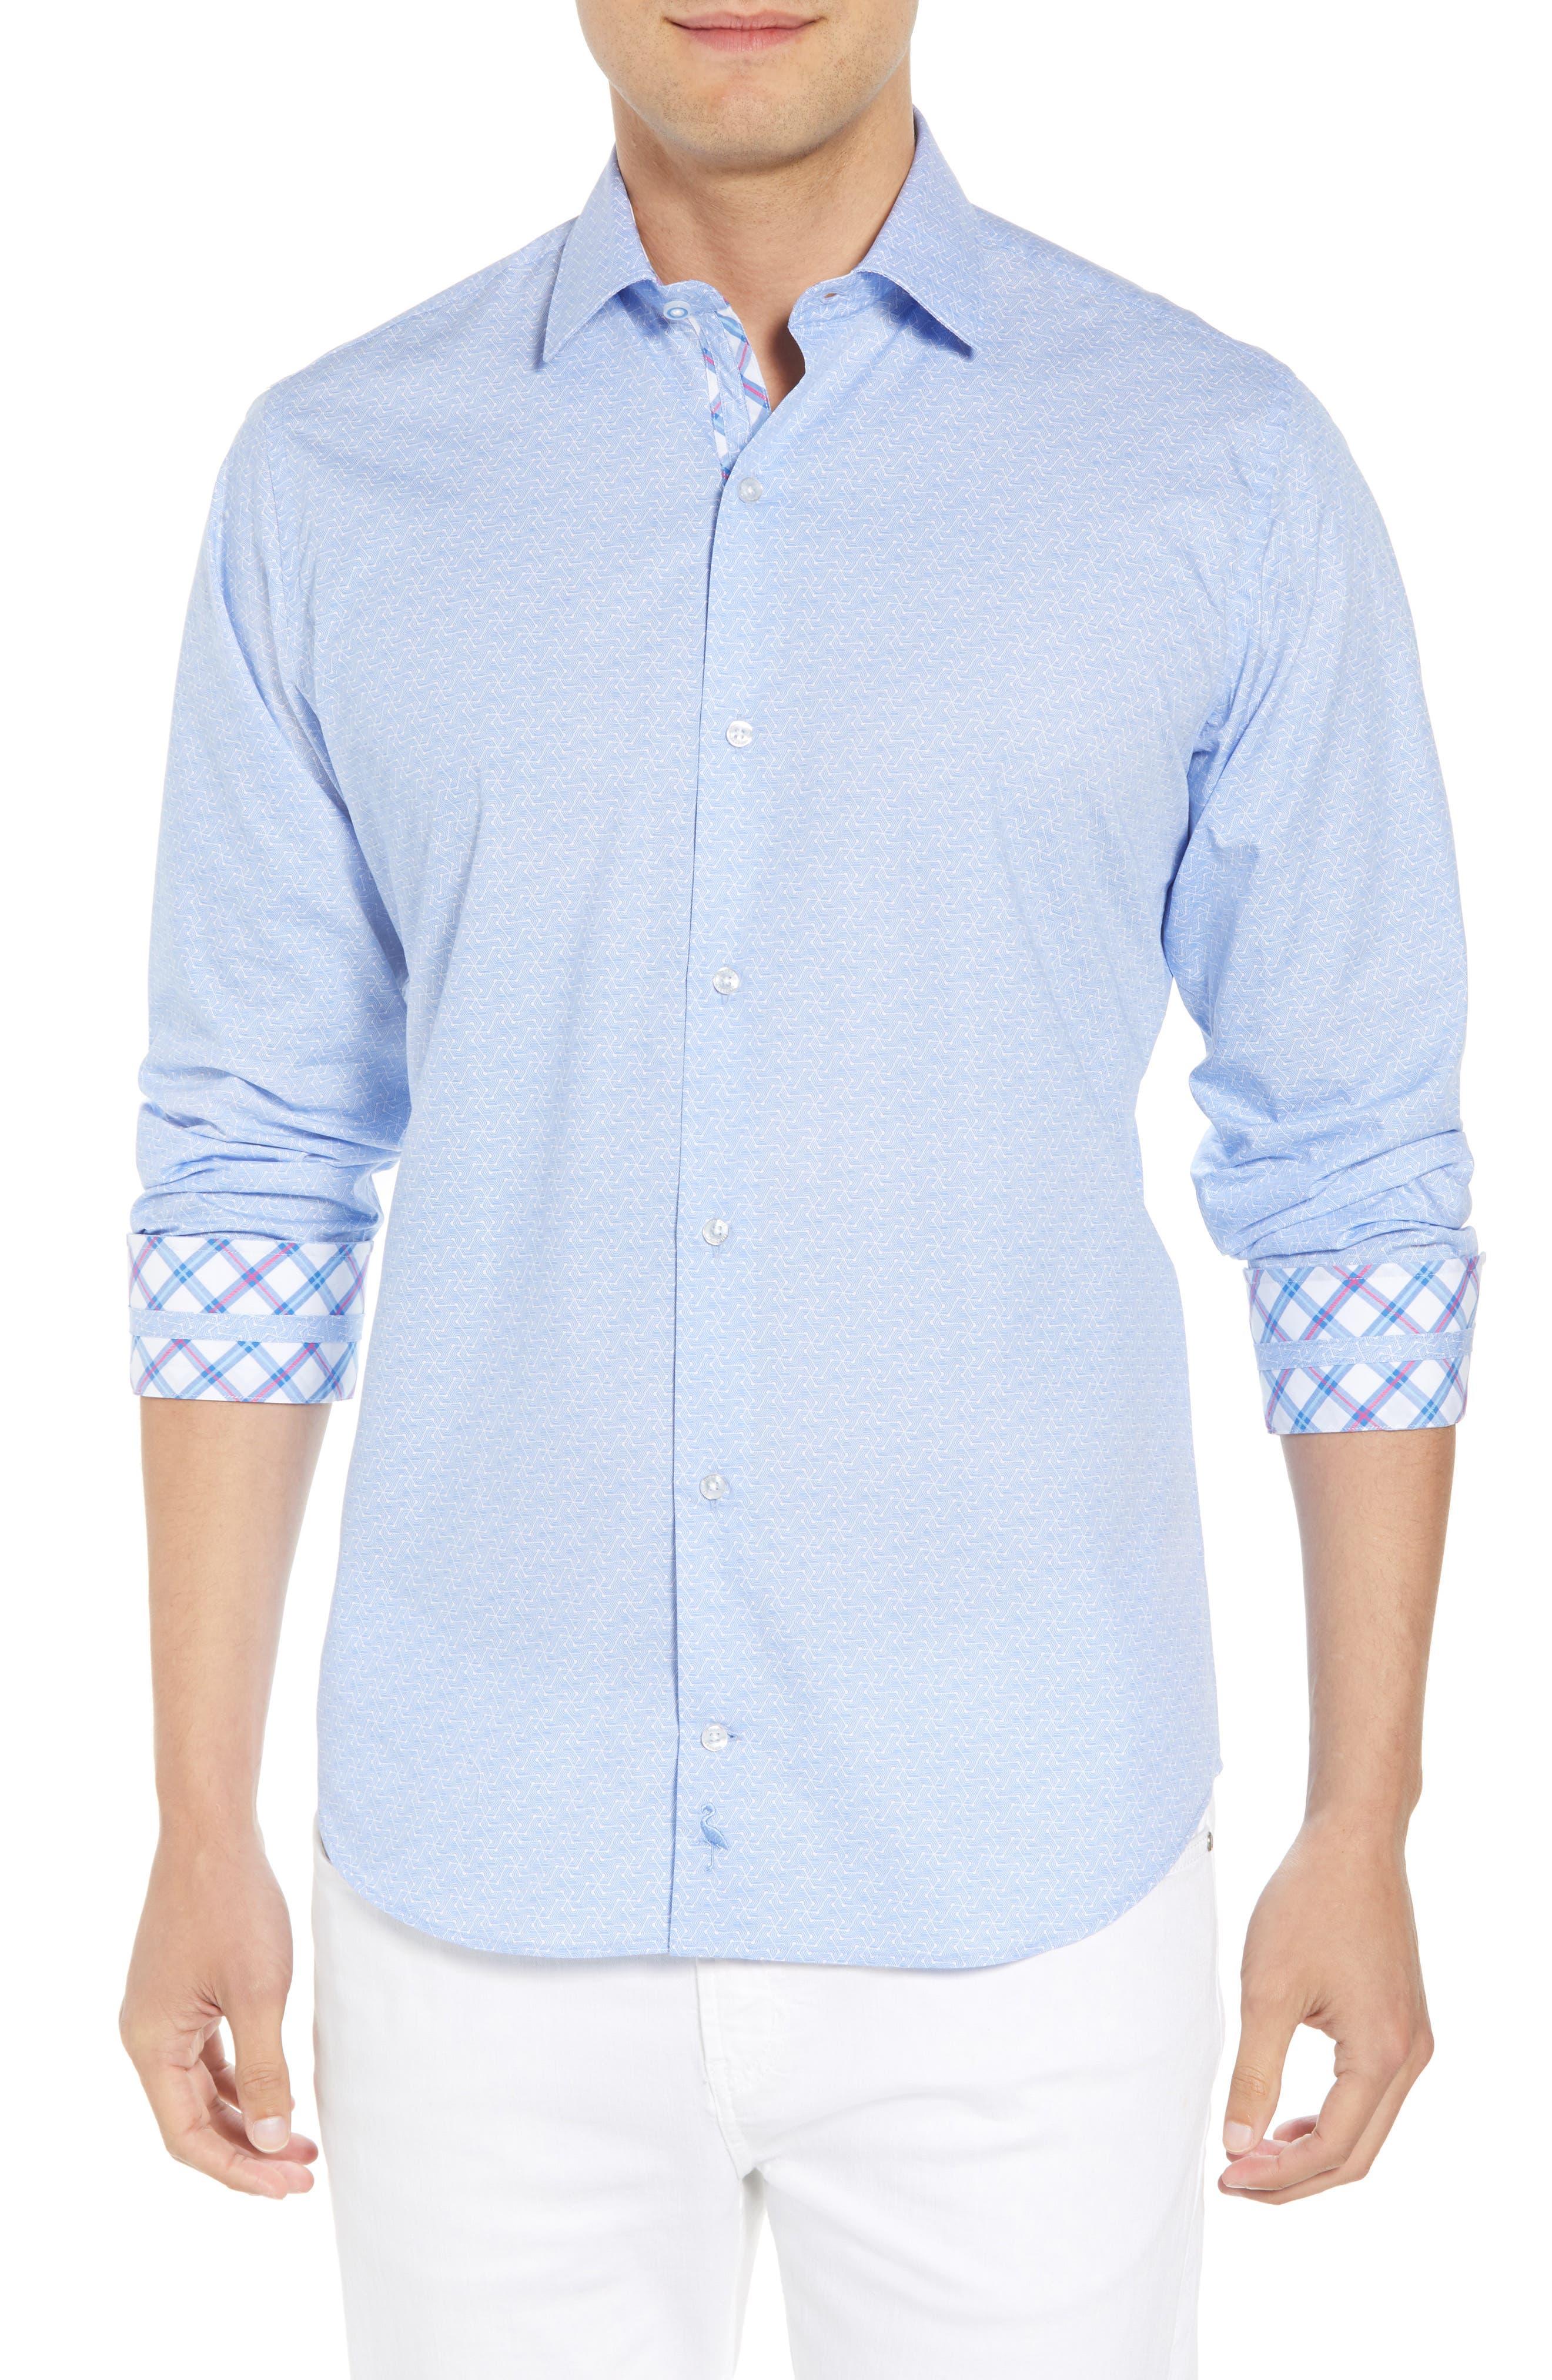 Beckham Regular Fit Plaid Sport Shirt,                             Main thumbnail 1, color,                             Light Blue